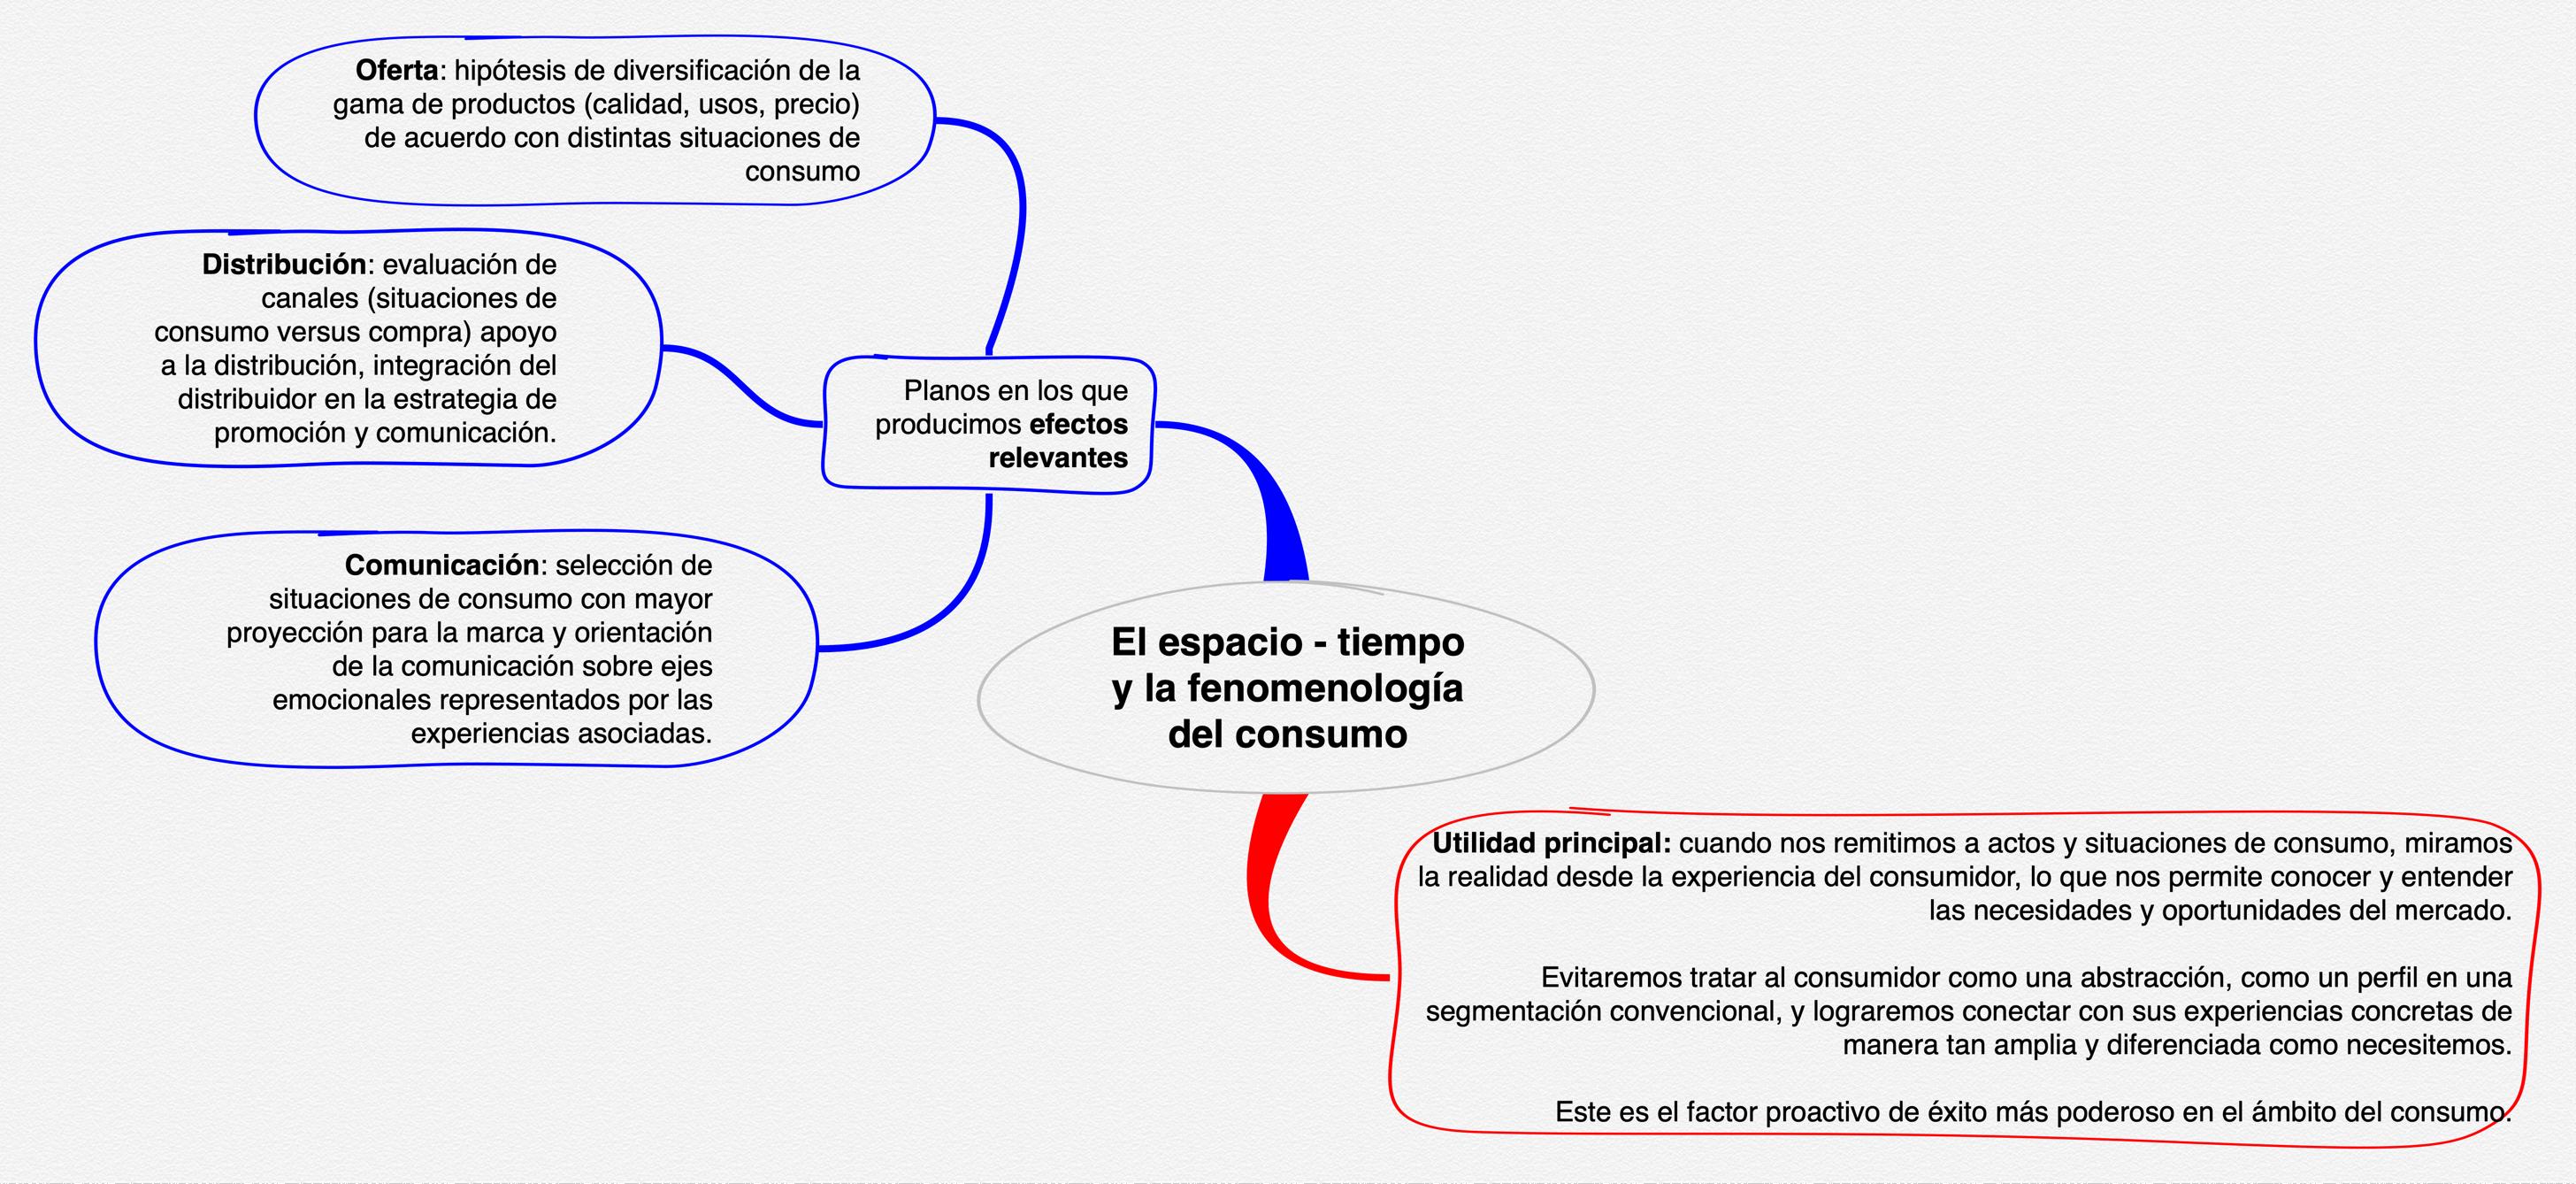 el espacio tiempo y la fenomenologia del consumo